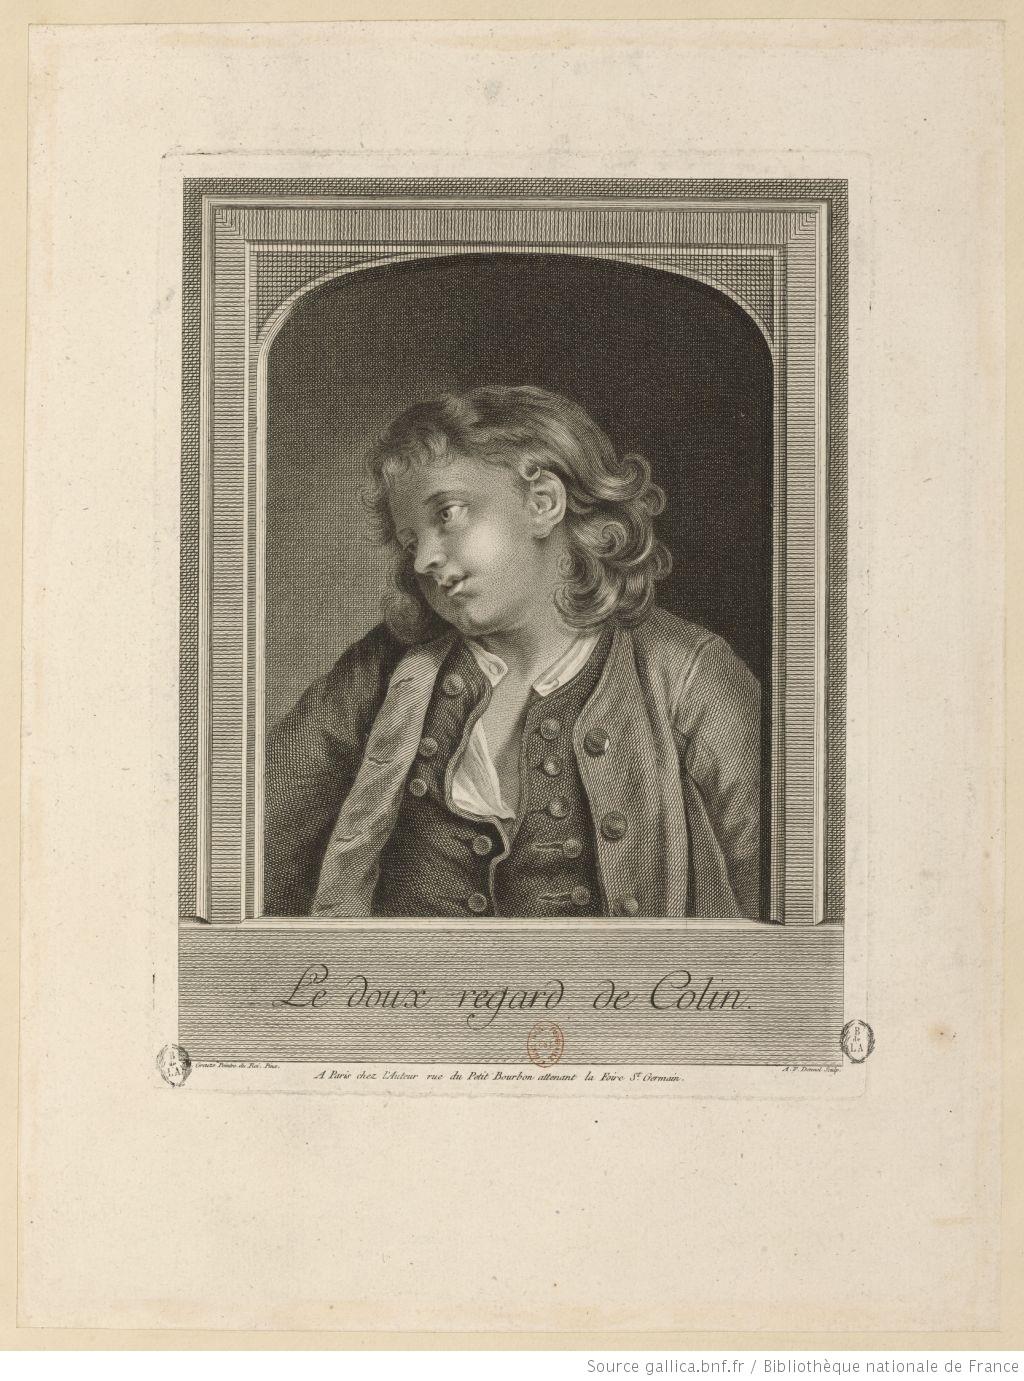 Greuze 1778 Le_doux_regard_de_Colin gravure Dennel_Antoine-Francois Gallica